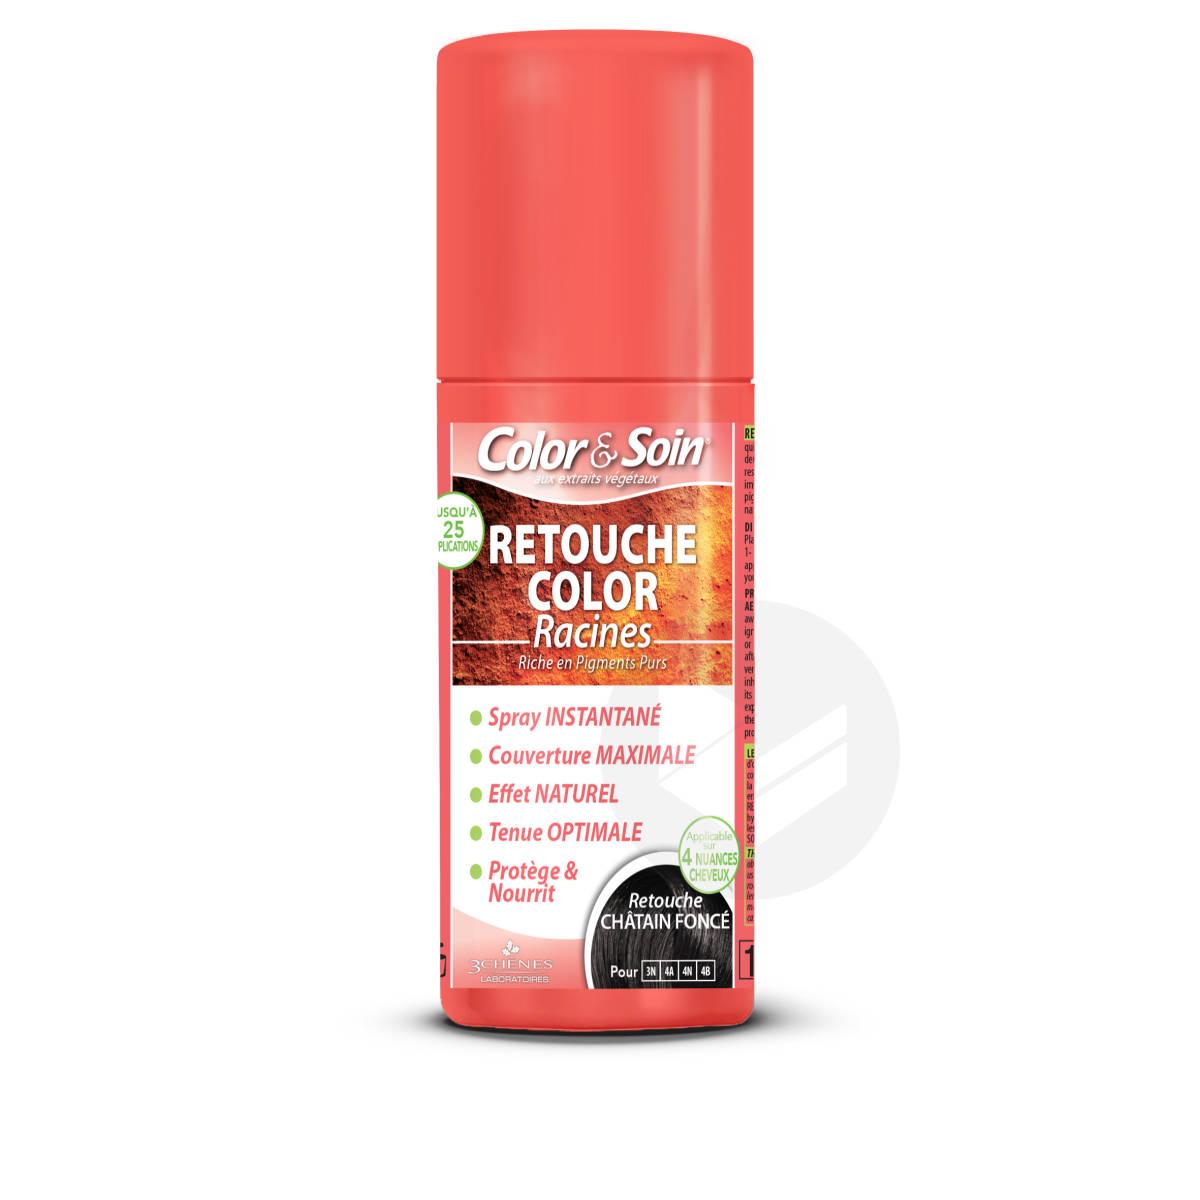 Retouche Color Chatain Fonce 75 Ml